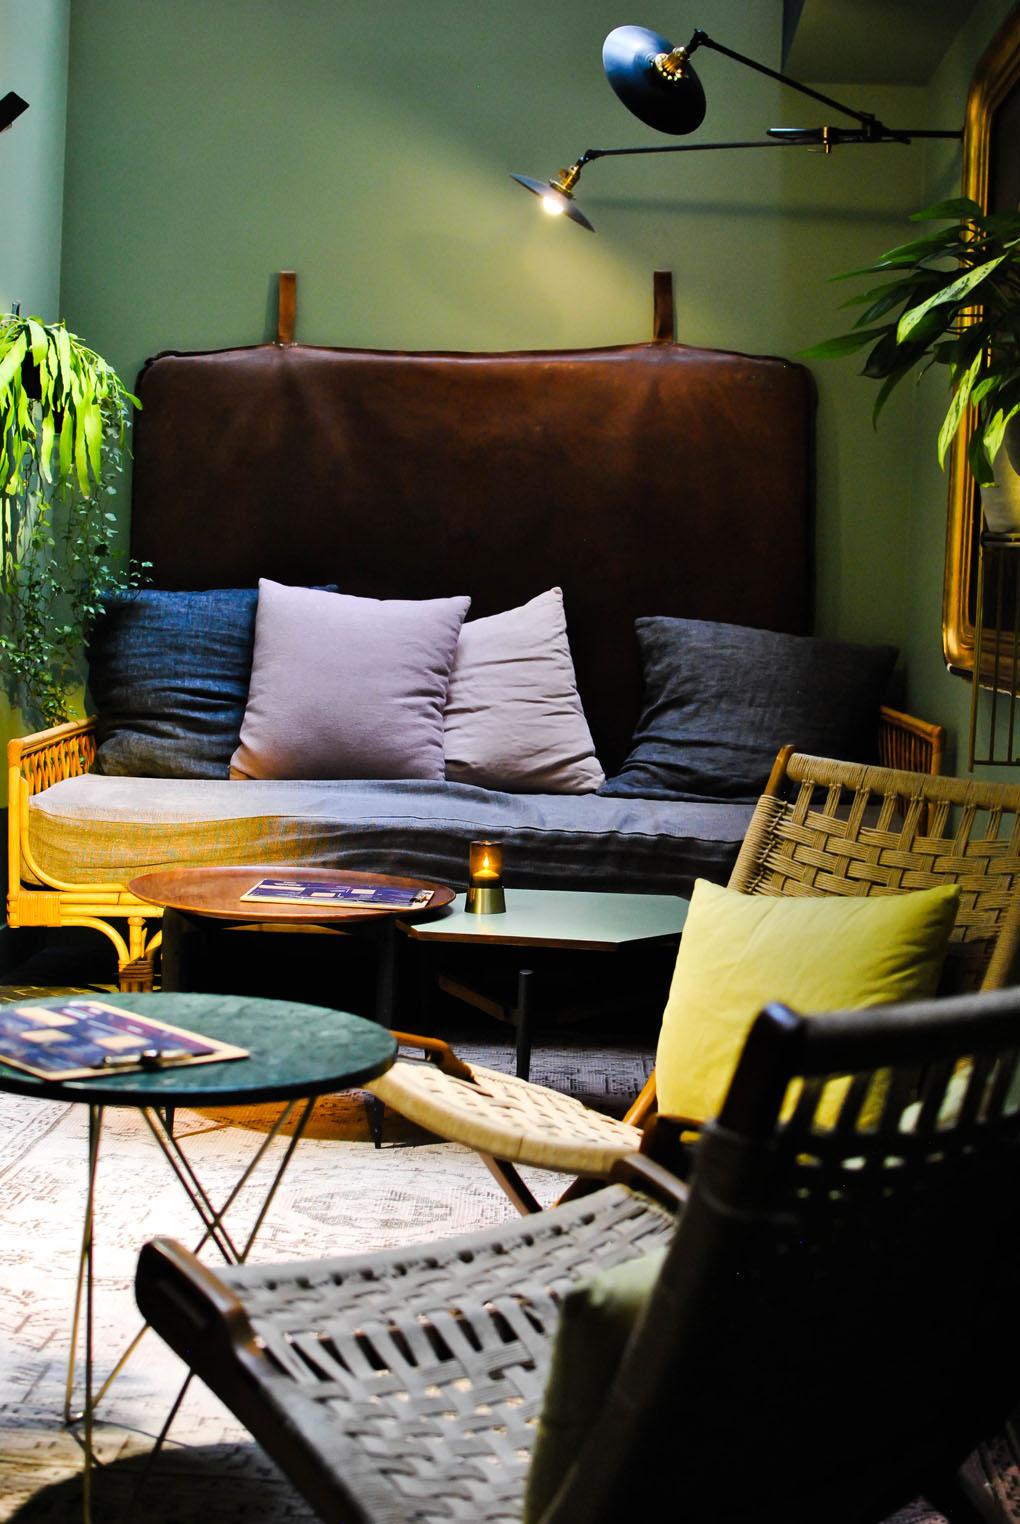 C.O.Q hotel paris où dormir à paris bonnes adresses avis le petit monde d'elodie